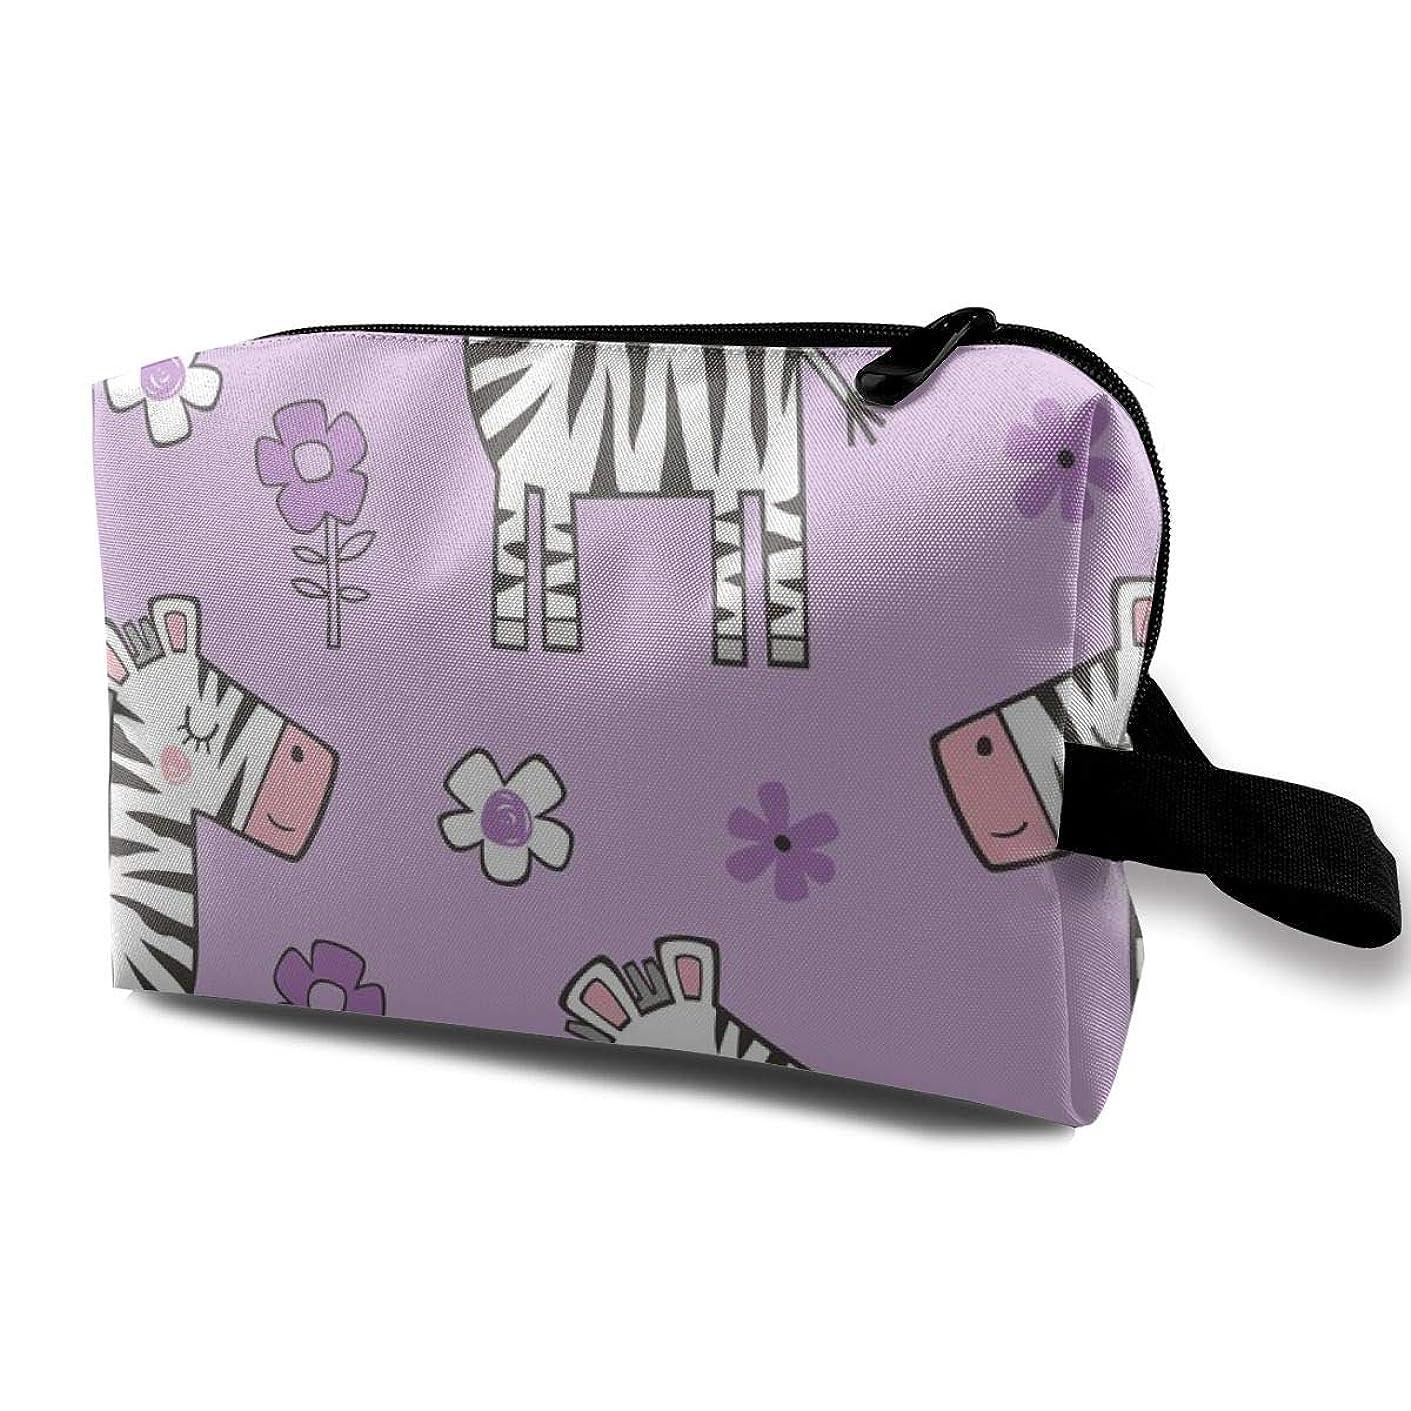 辞任横個人化粧ポーチ コンパクトサイズ,紫のPurpel_3466、オックスフォードの布の多彩な袋の小型旅行の花の花が付いているシマウマの馬